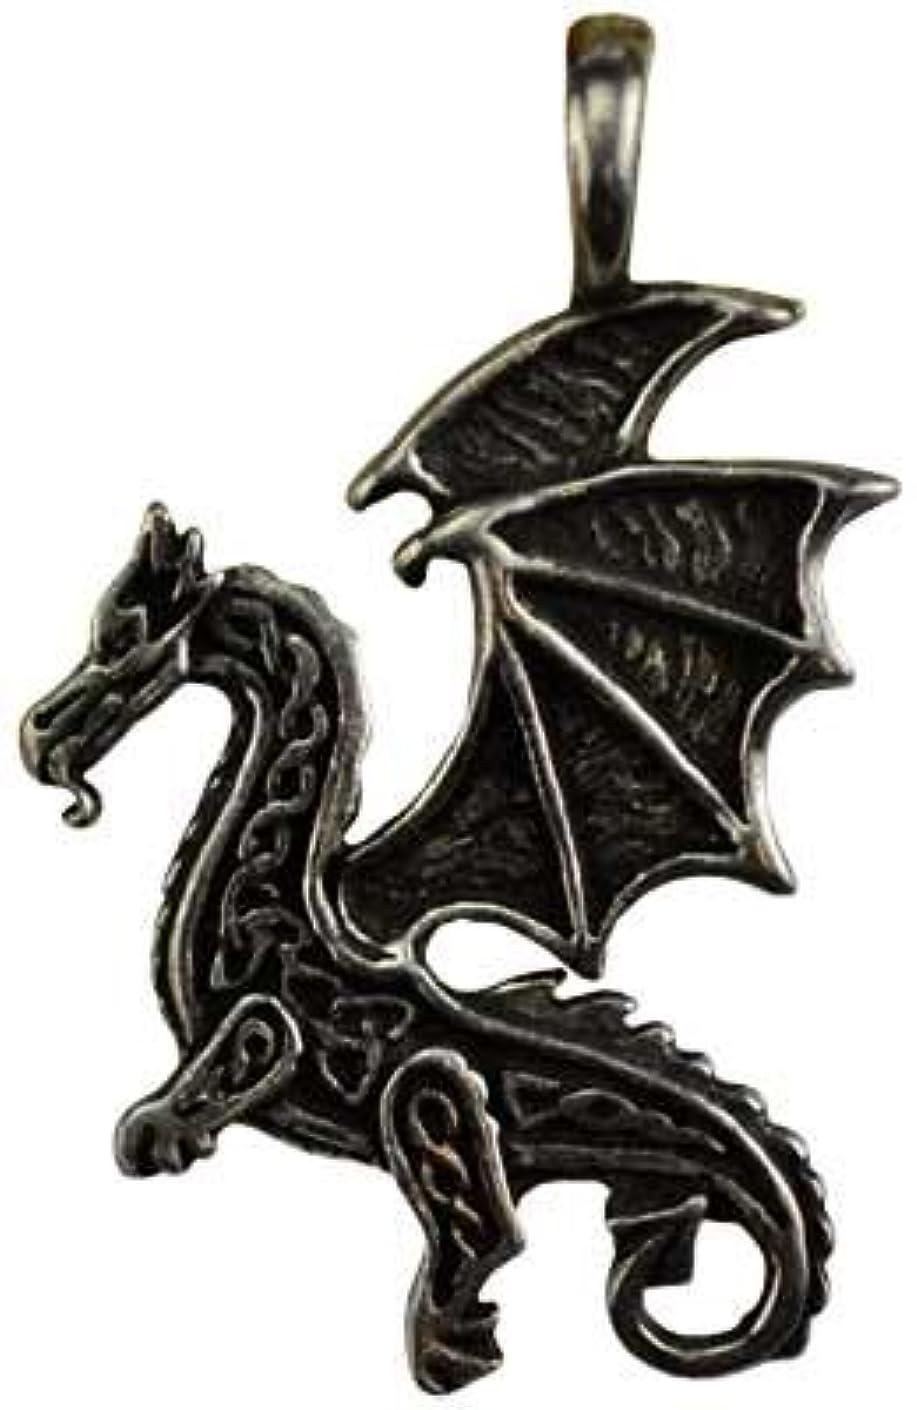 声を出して分散バズケルトFlying Dragon保護アミュレットネックレス